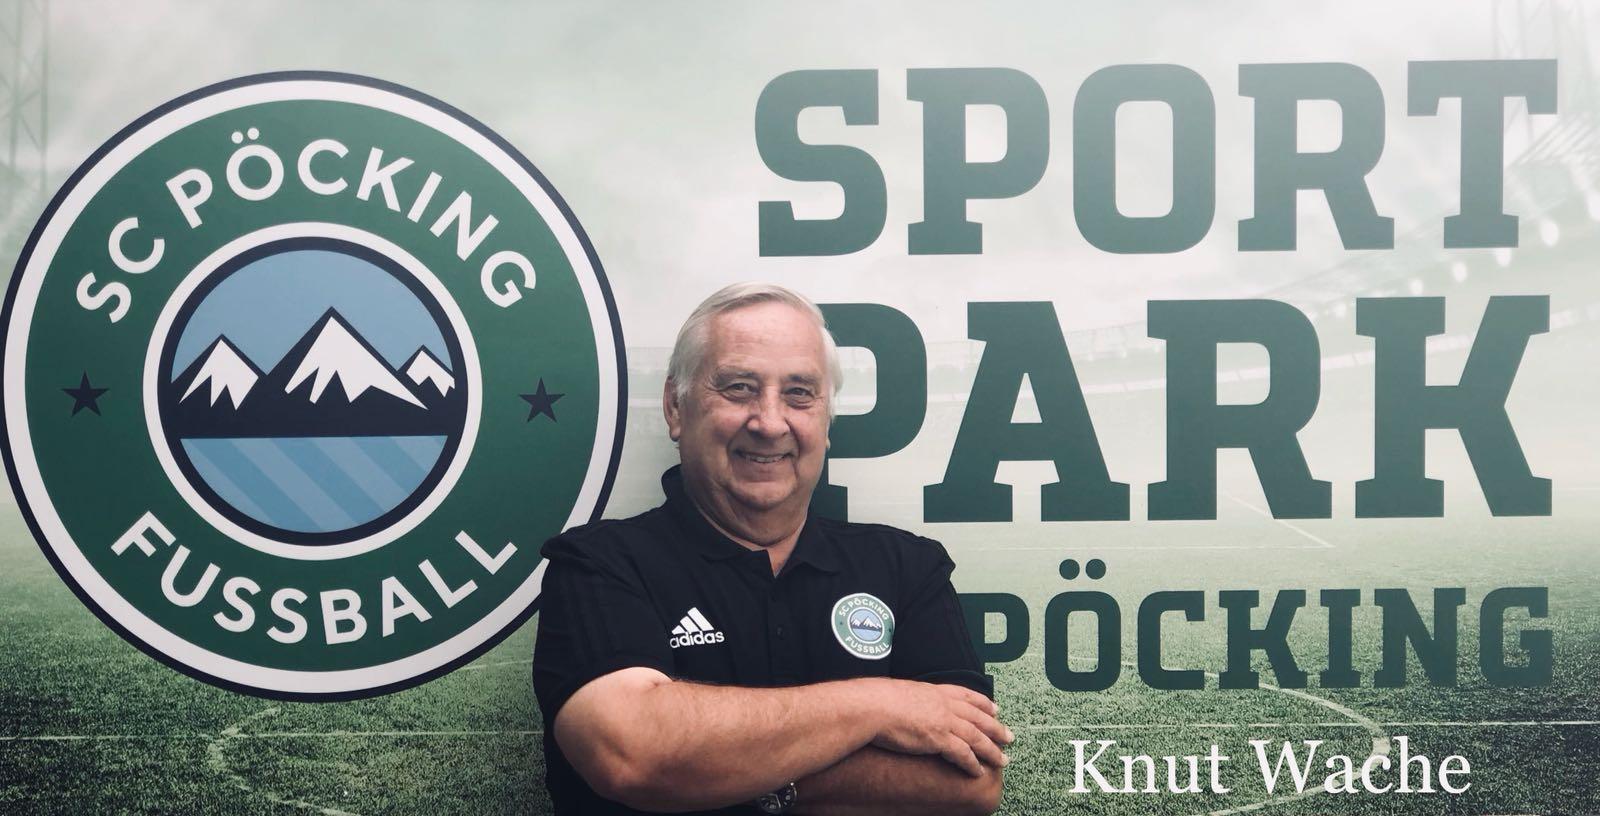 http://www.scppfussball.de/wp-content/uploads/2018/07/Knut-Wache.jpg